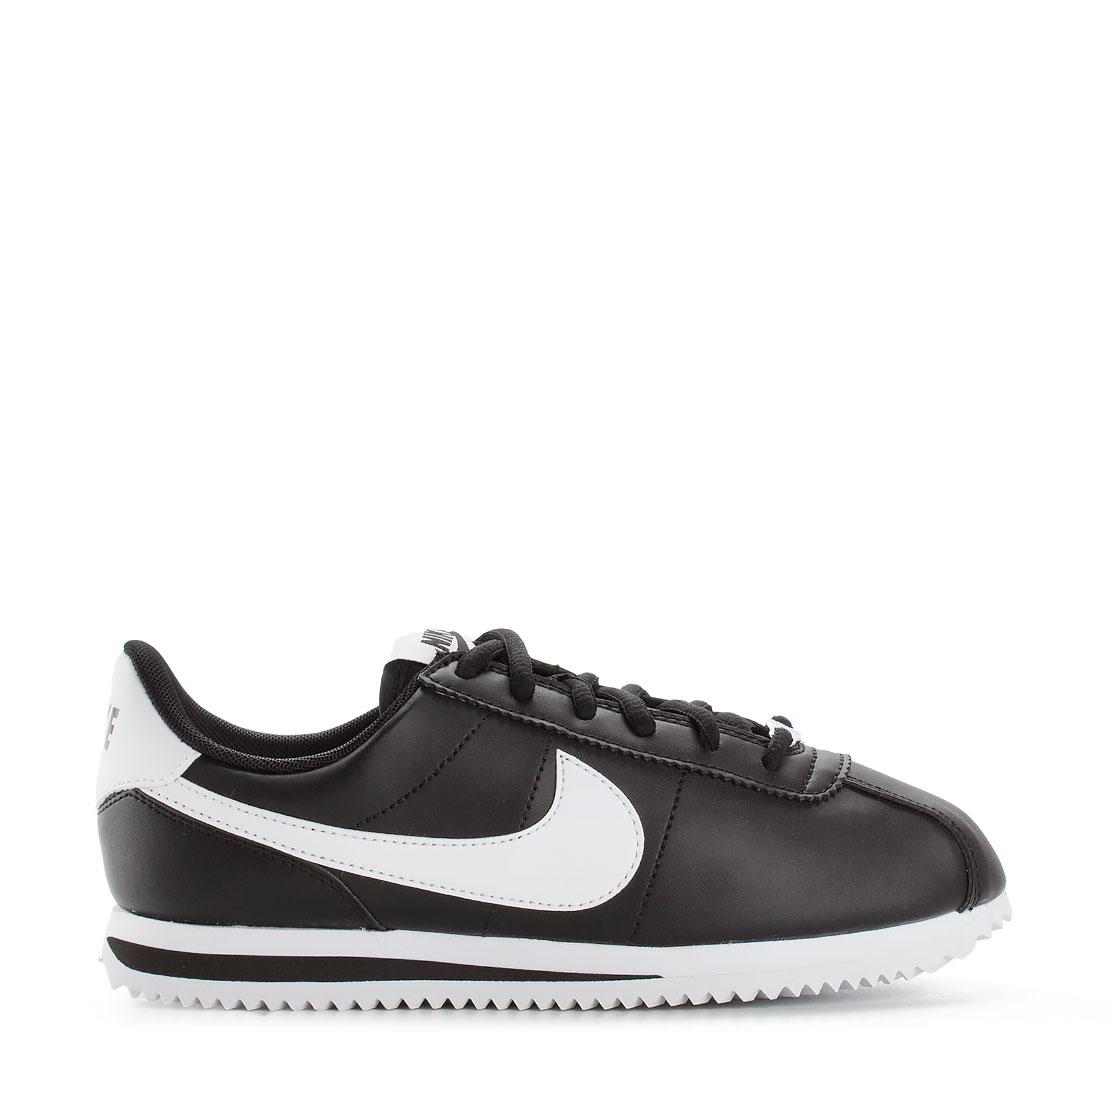 Art Scarpe Nerobianco Nike Sneakers 904764 Cortez 001 Classic aw71HxqT